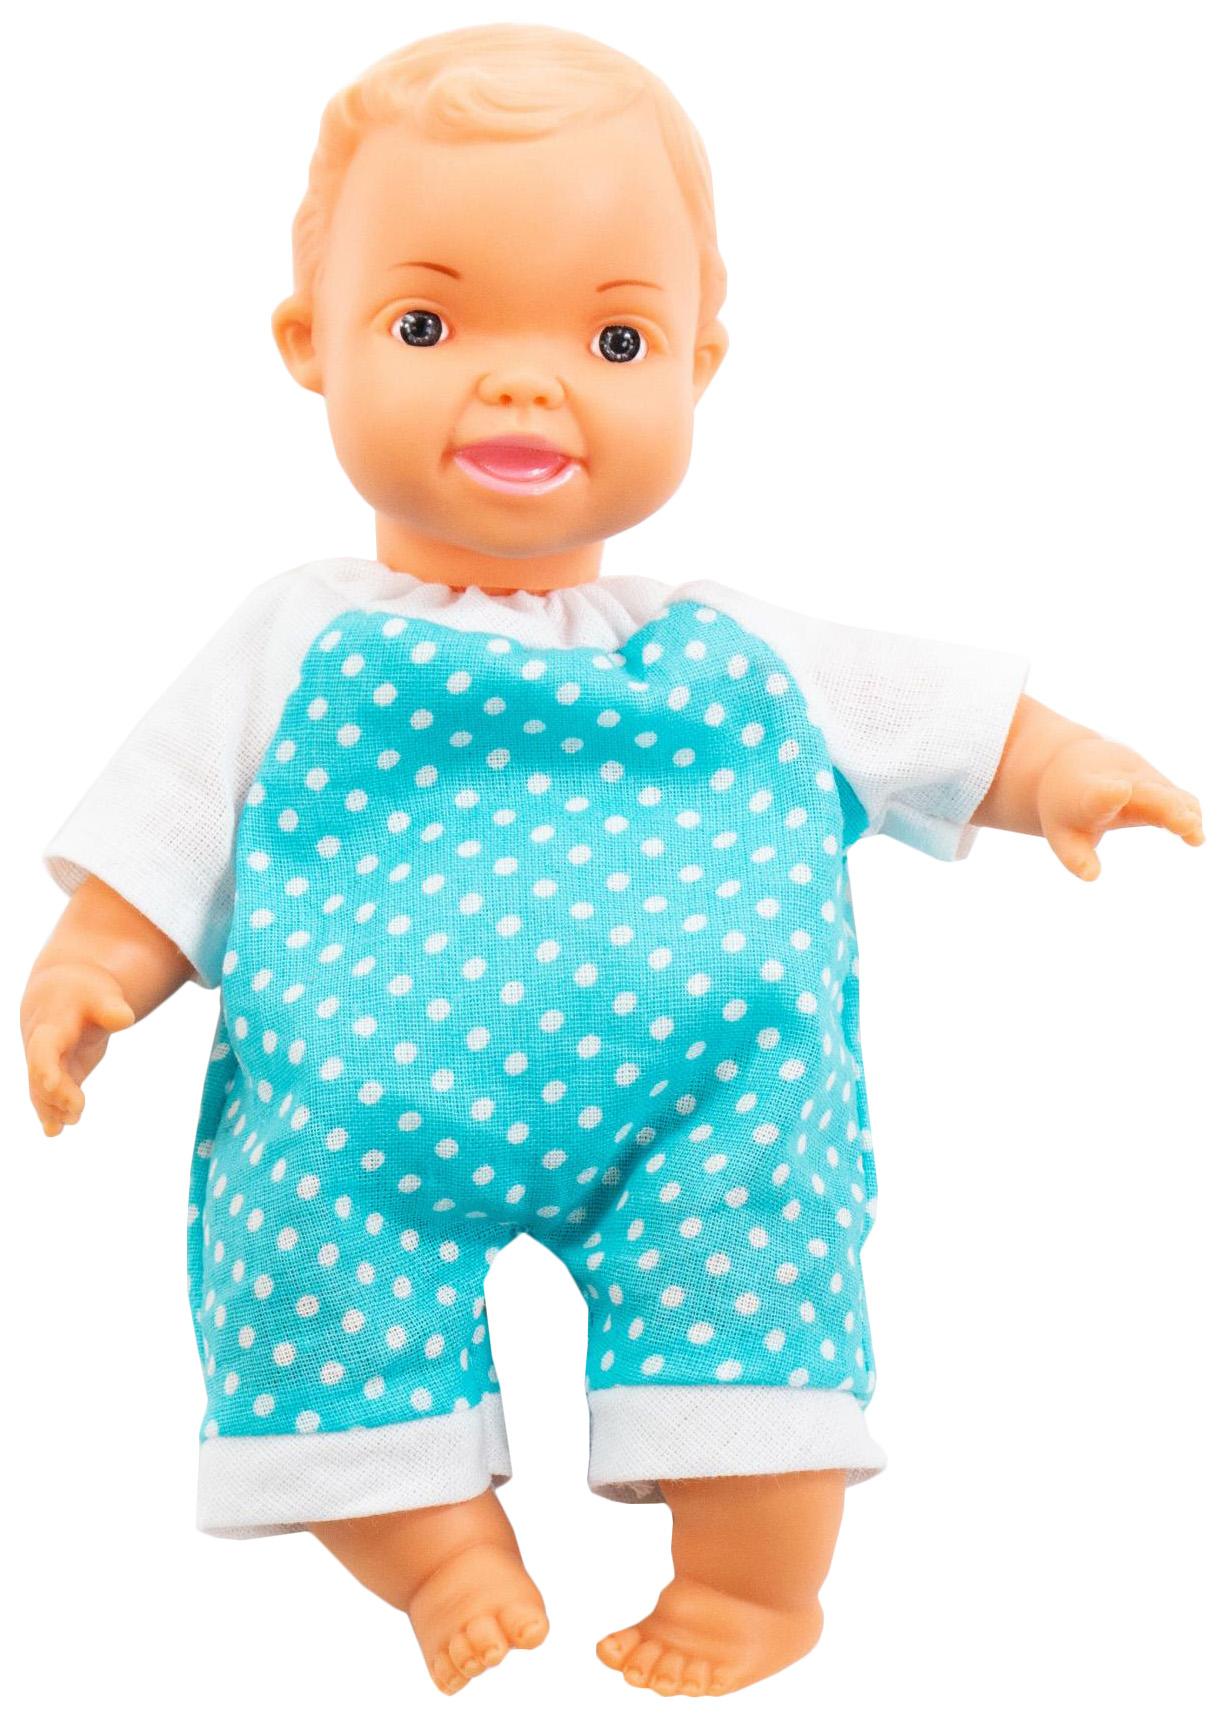 Купить Кукла Крошка Саша , 19 см, Полесье, Классические куклы